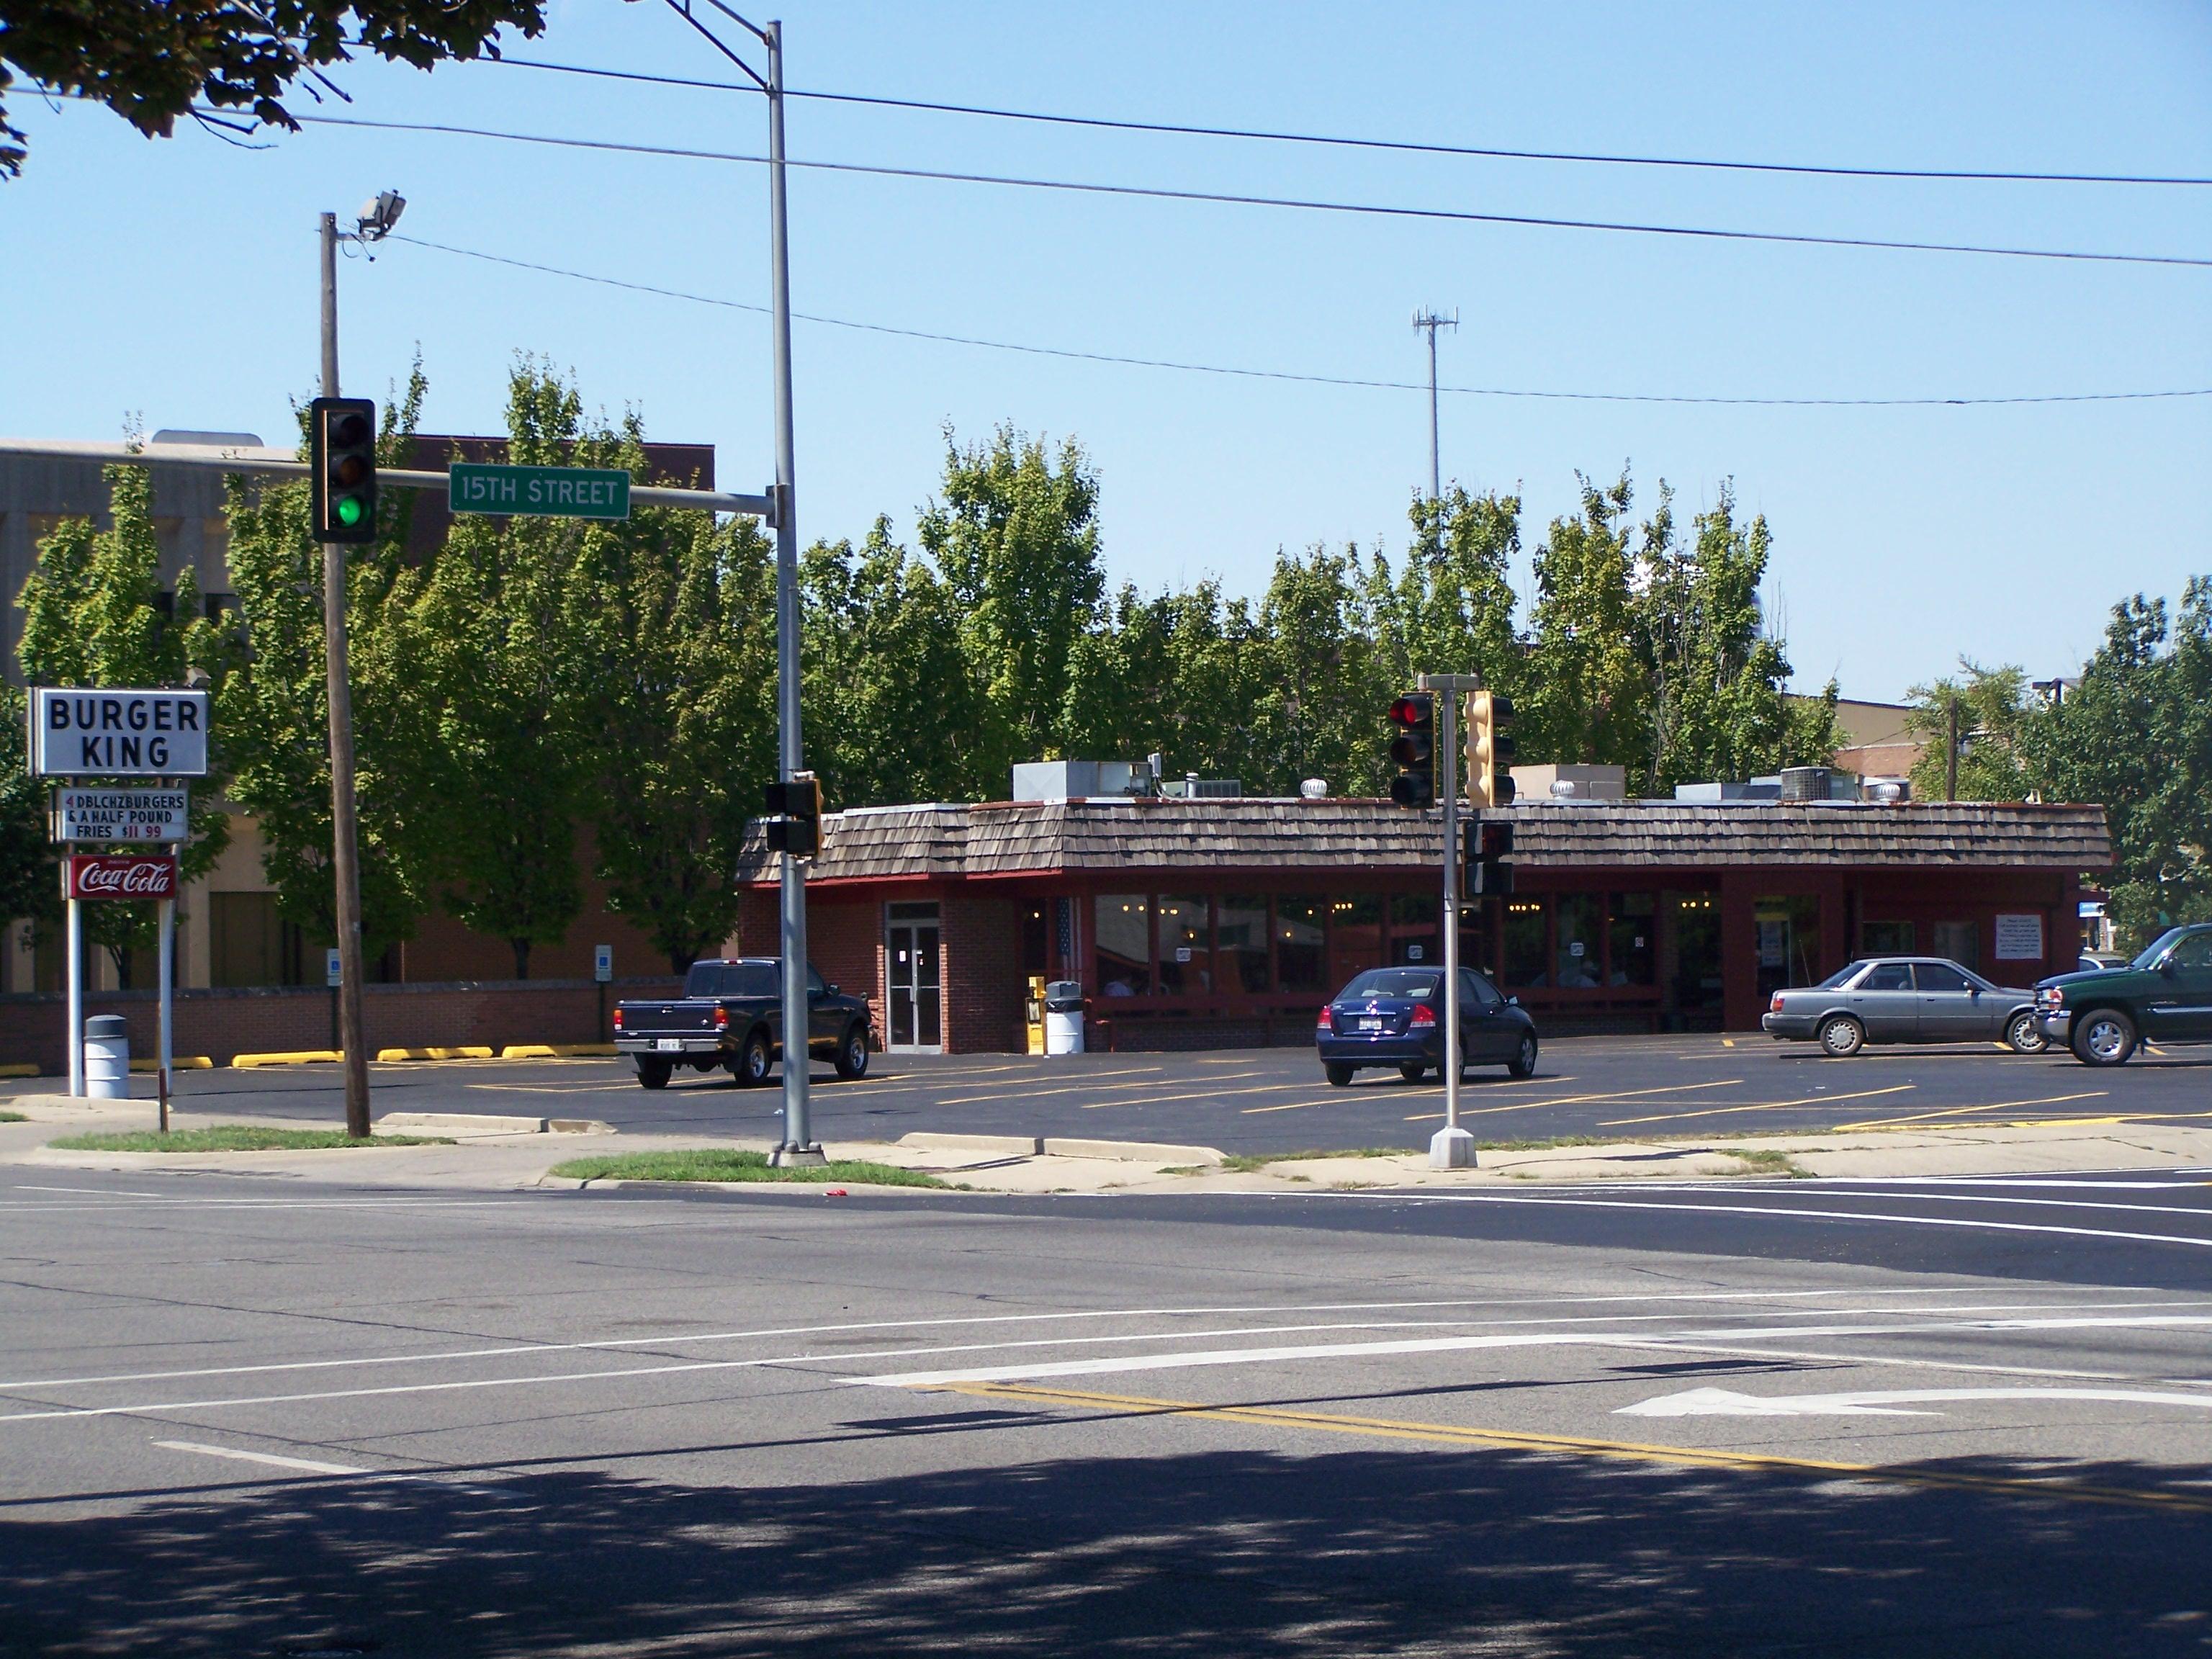 Burger King Mattoon Illinois Wikipedia